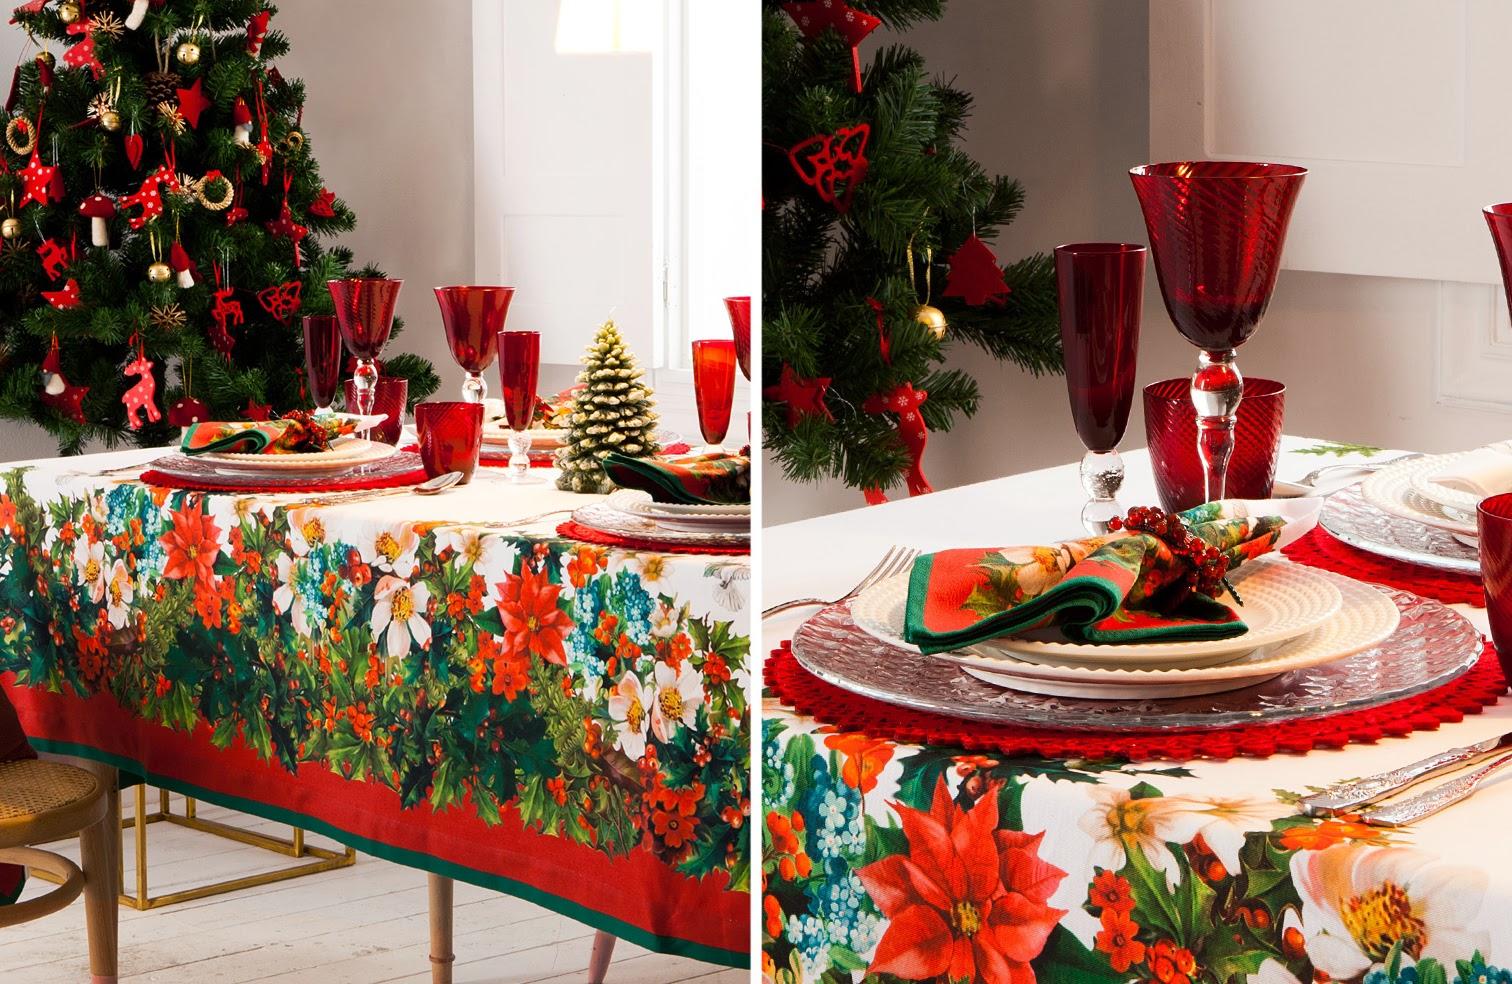 Fggd arquitectura interiorismo zara home navidad 2013 - Addobbi natalizi per cucina ...